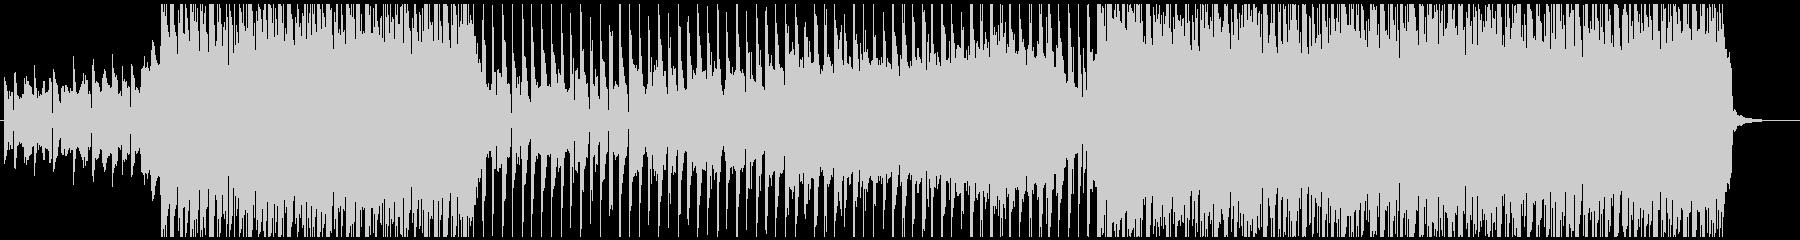 ノリノリのビートとエレクトロなシンセの曲の未再生の波形